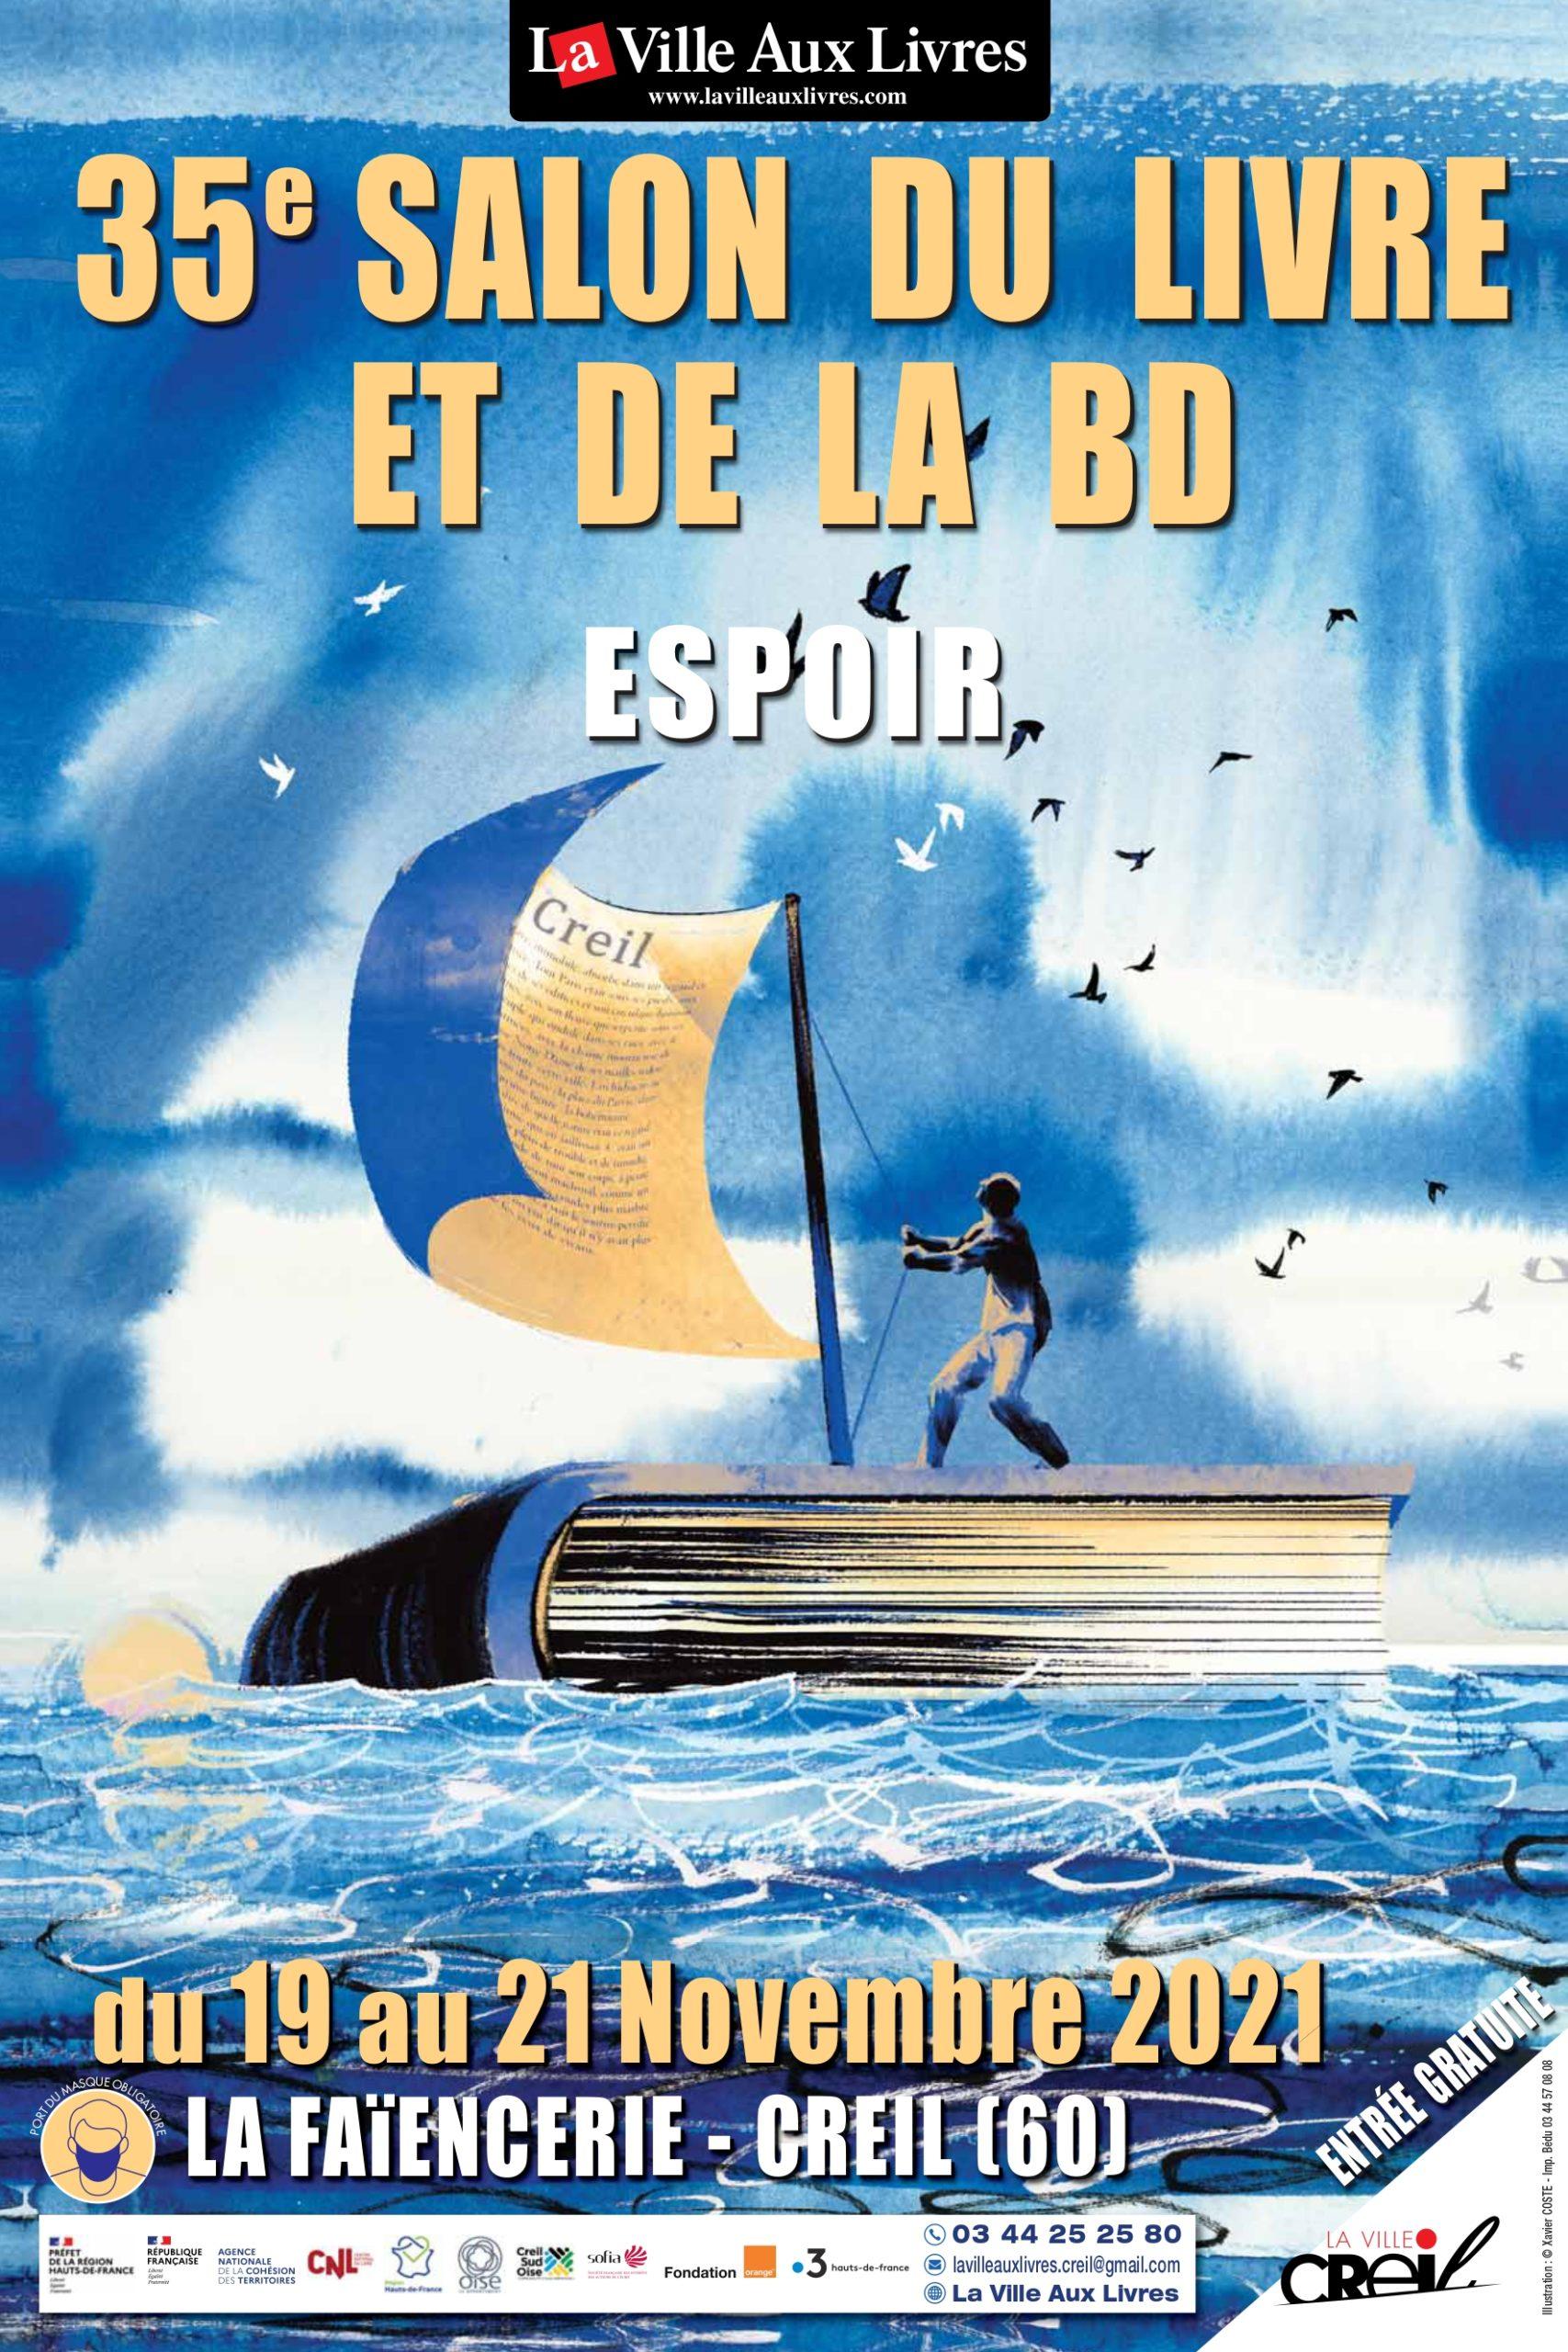 35è Salon du livre & de la BD